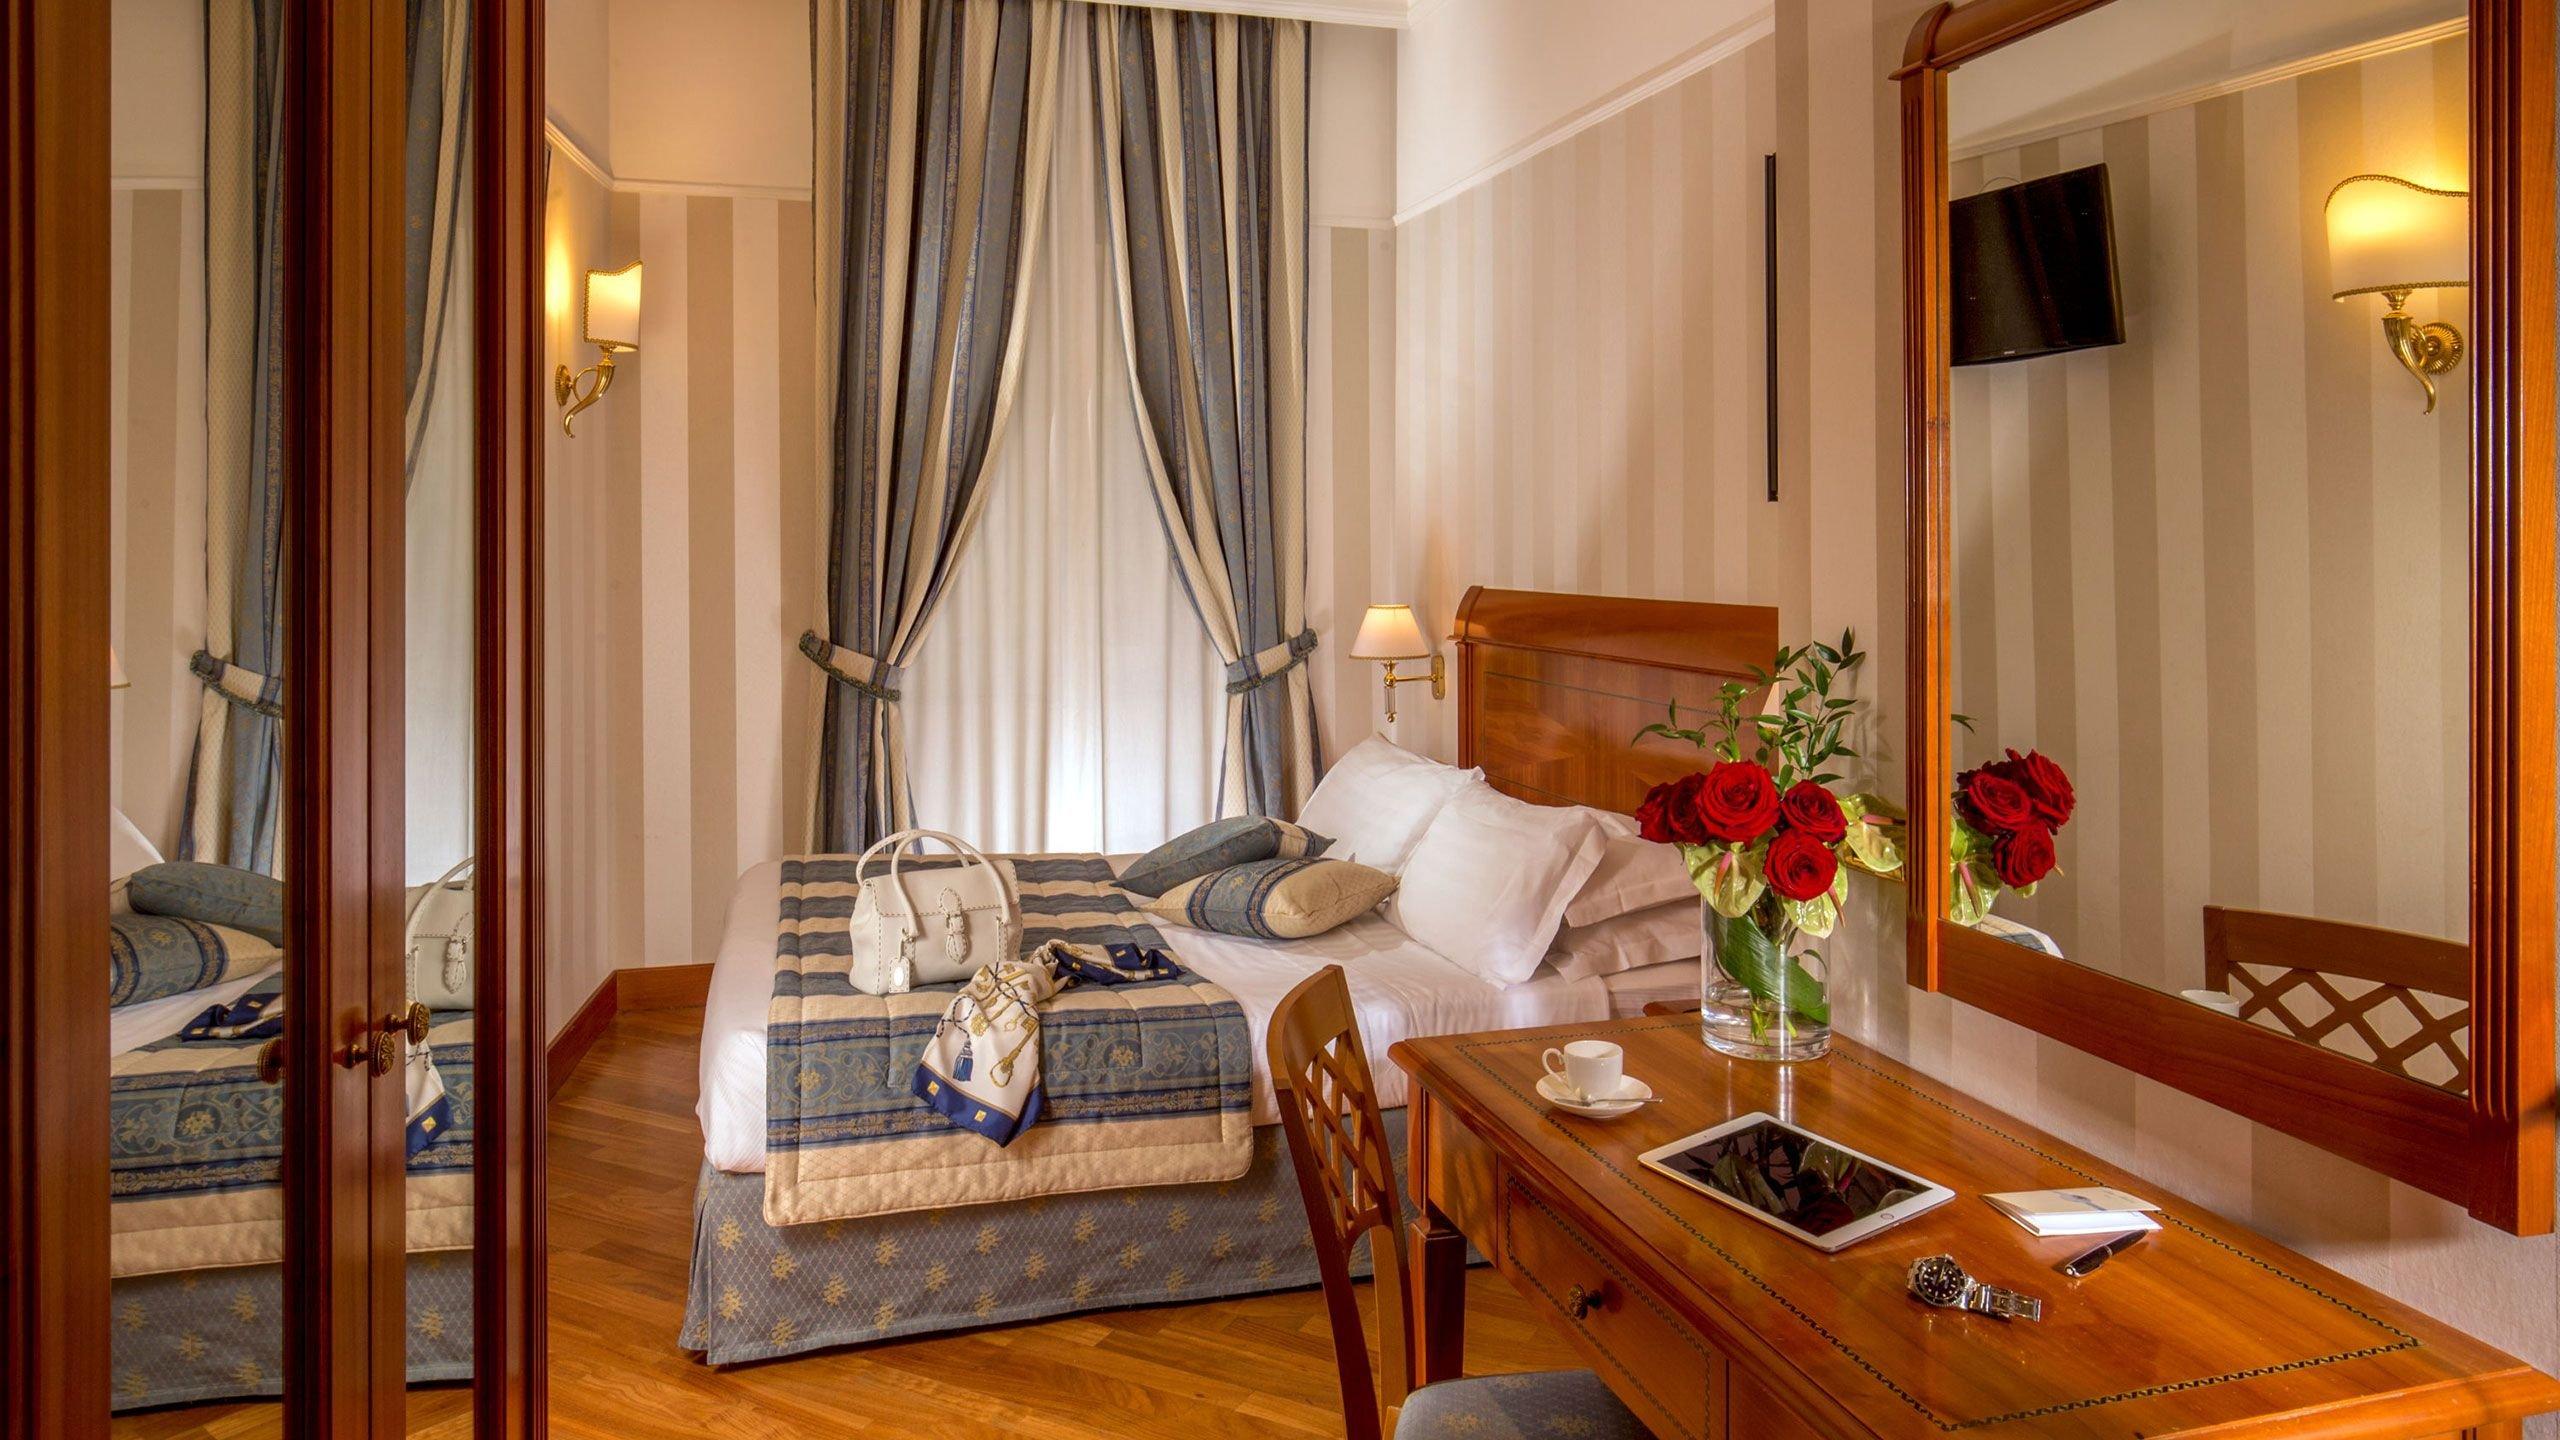 albergo-ottocento-rome-chambre-double-classic-01